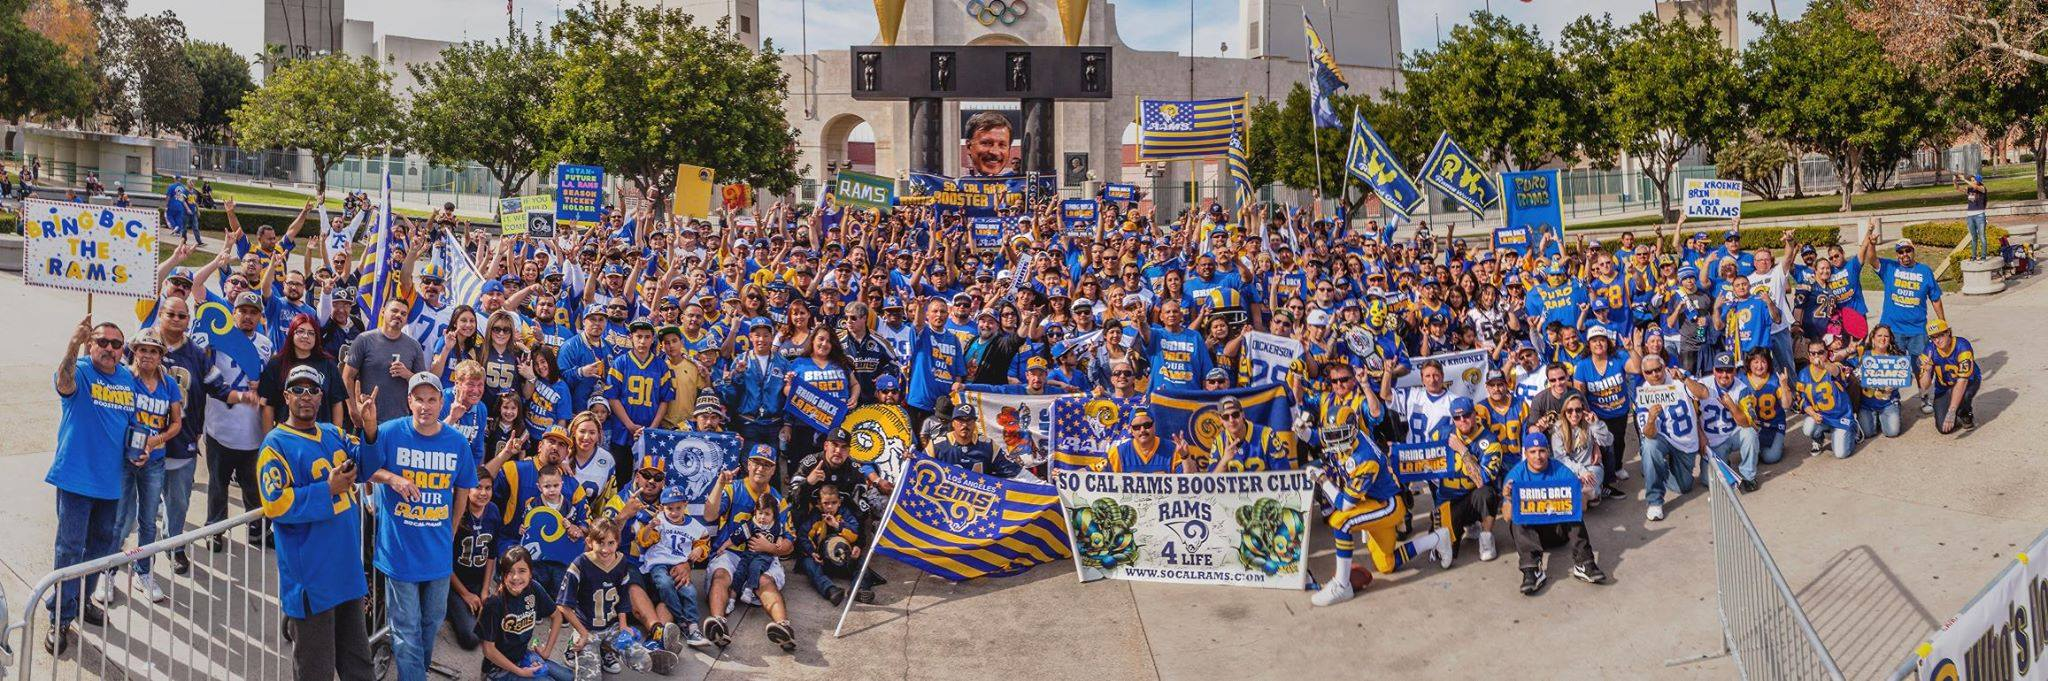 LA football fans